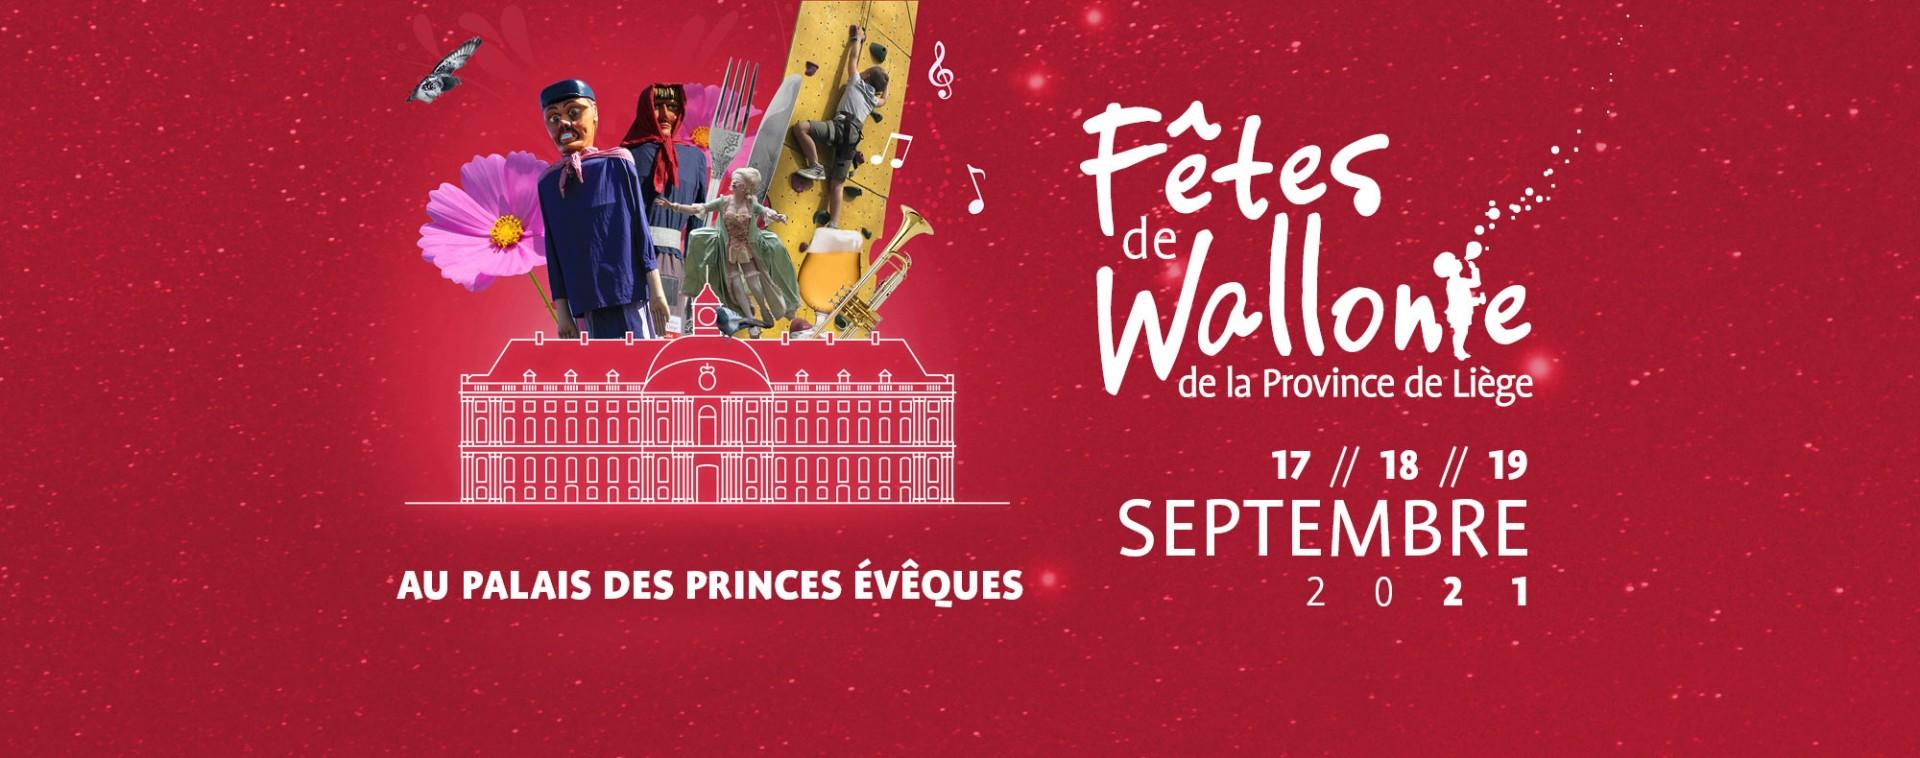 Fêtes de Wallonie de la Province de Liège   © Province de Liège-Service presse & multimédia